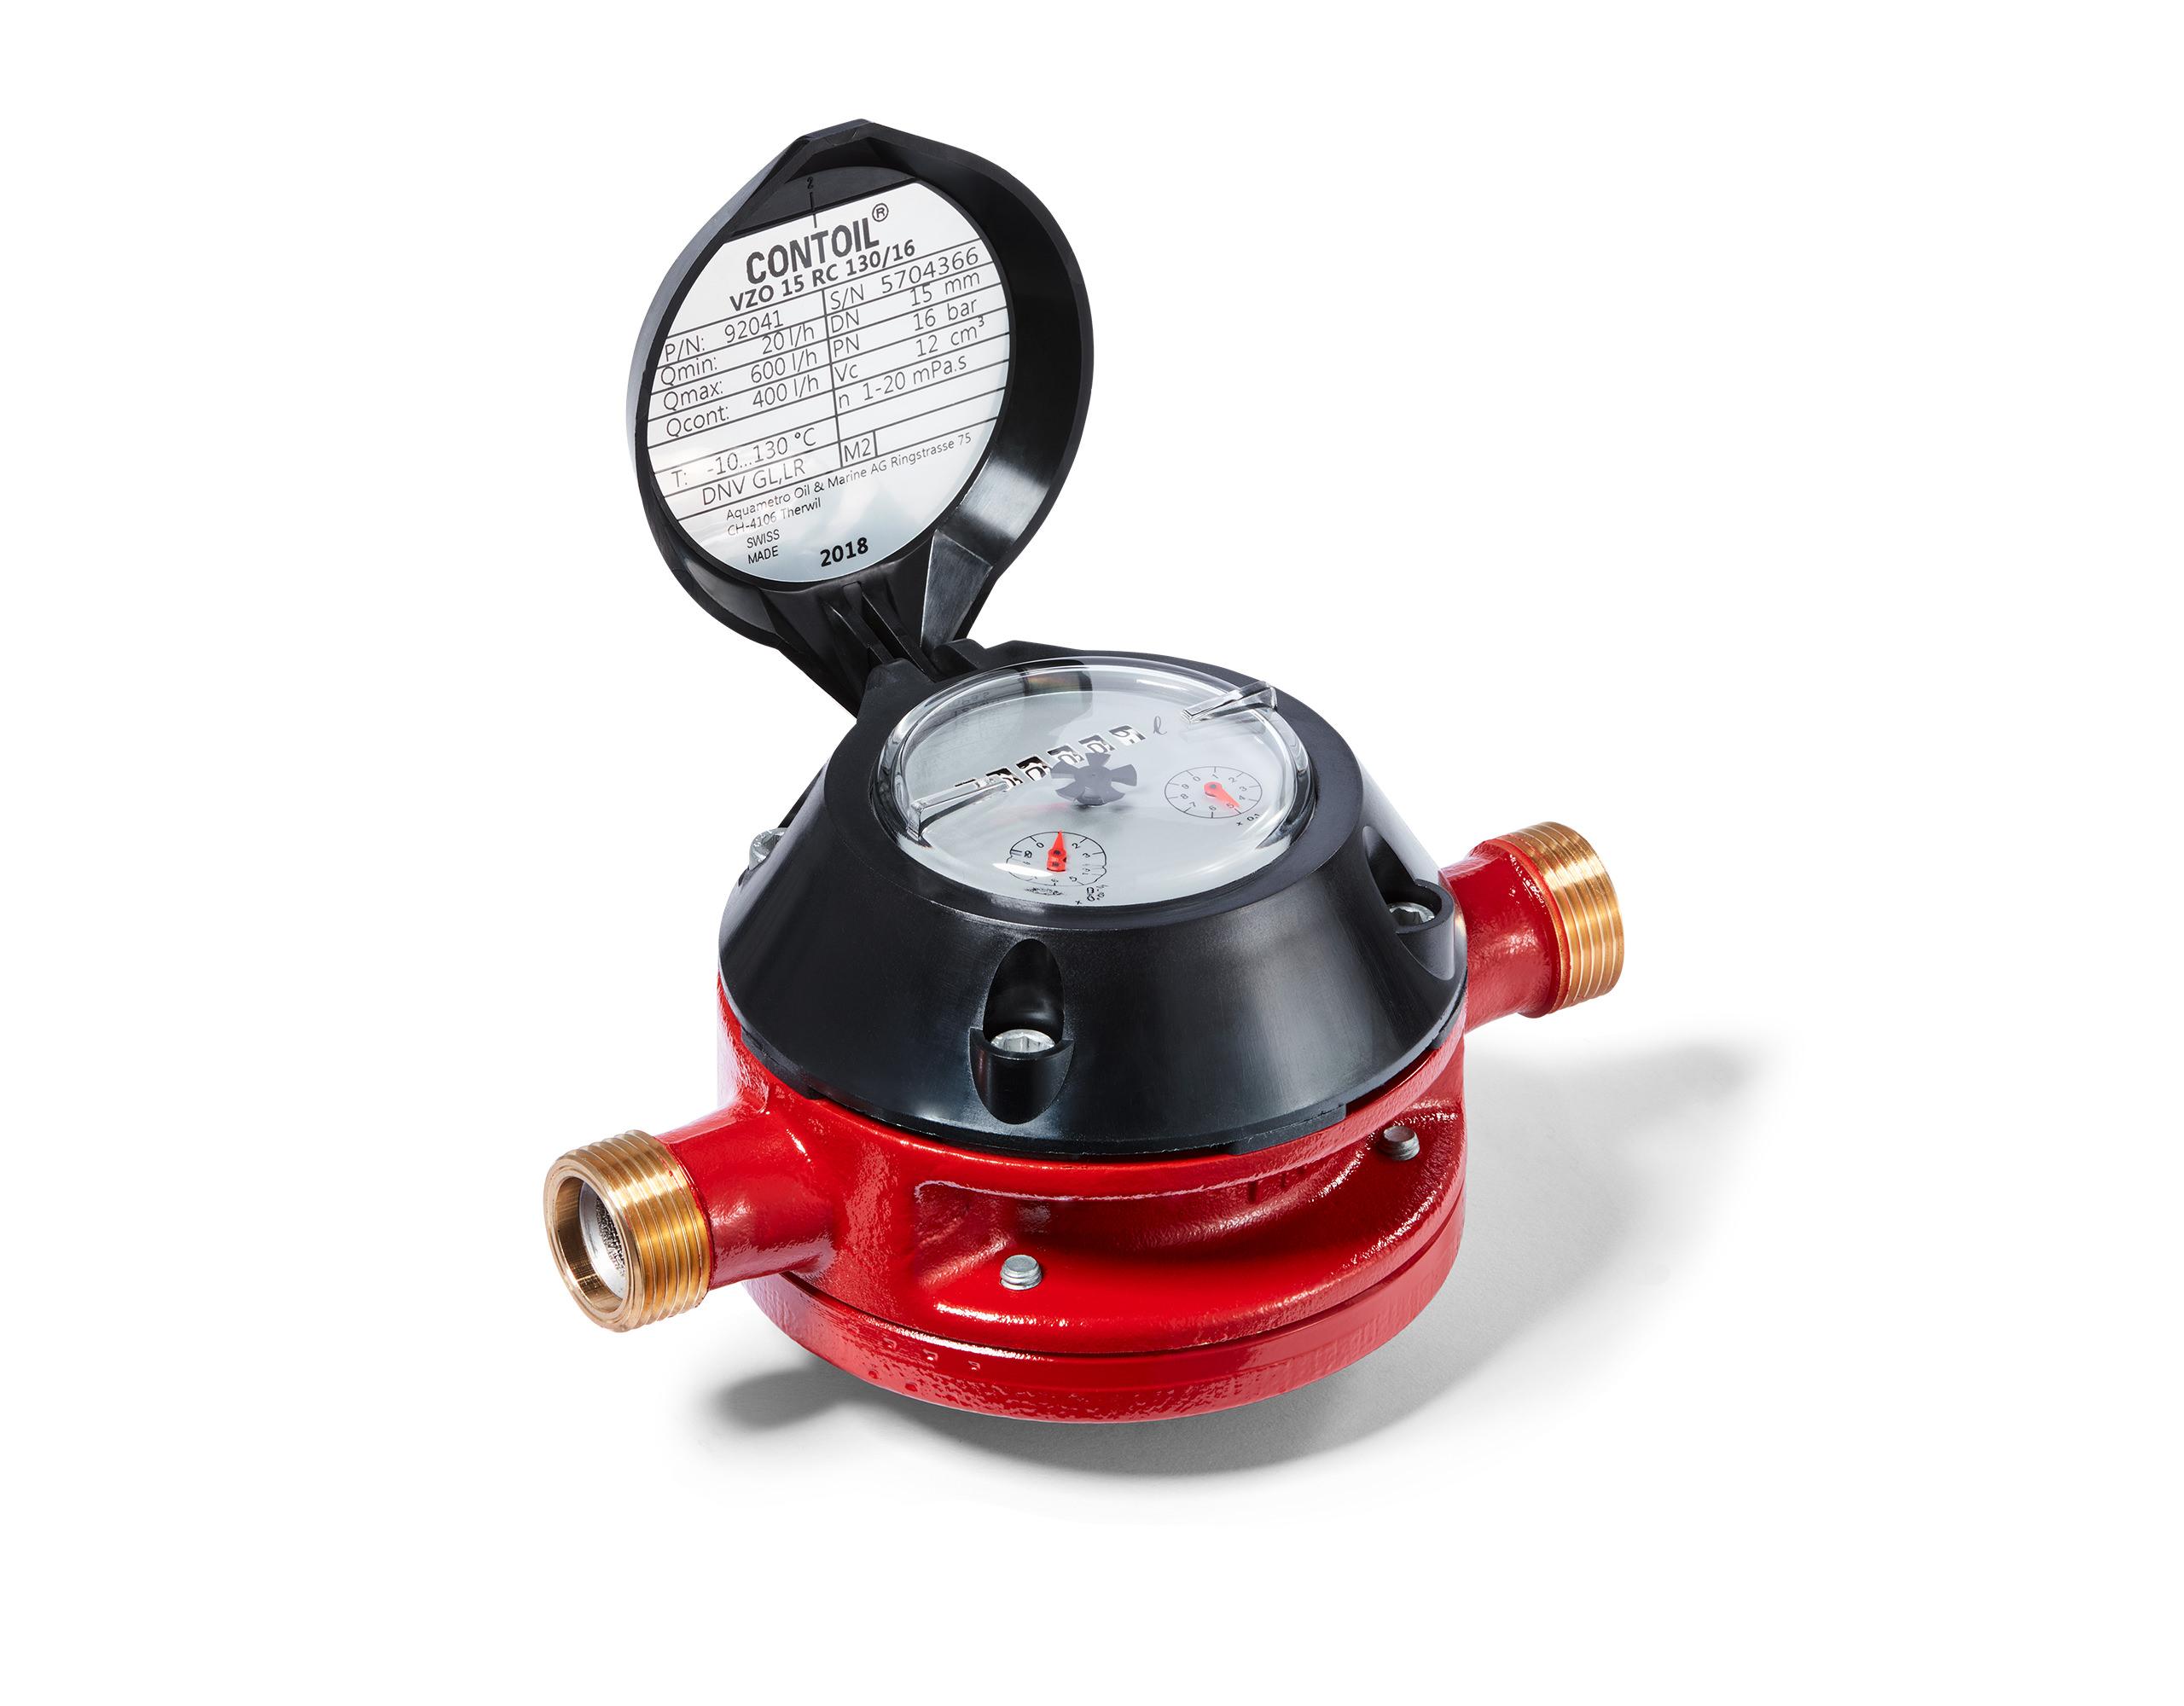 CONTOIL® DN 15 - 50 - Aquametro Oil & Marine